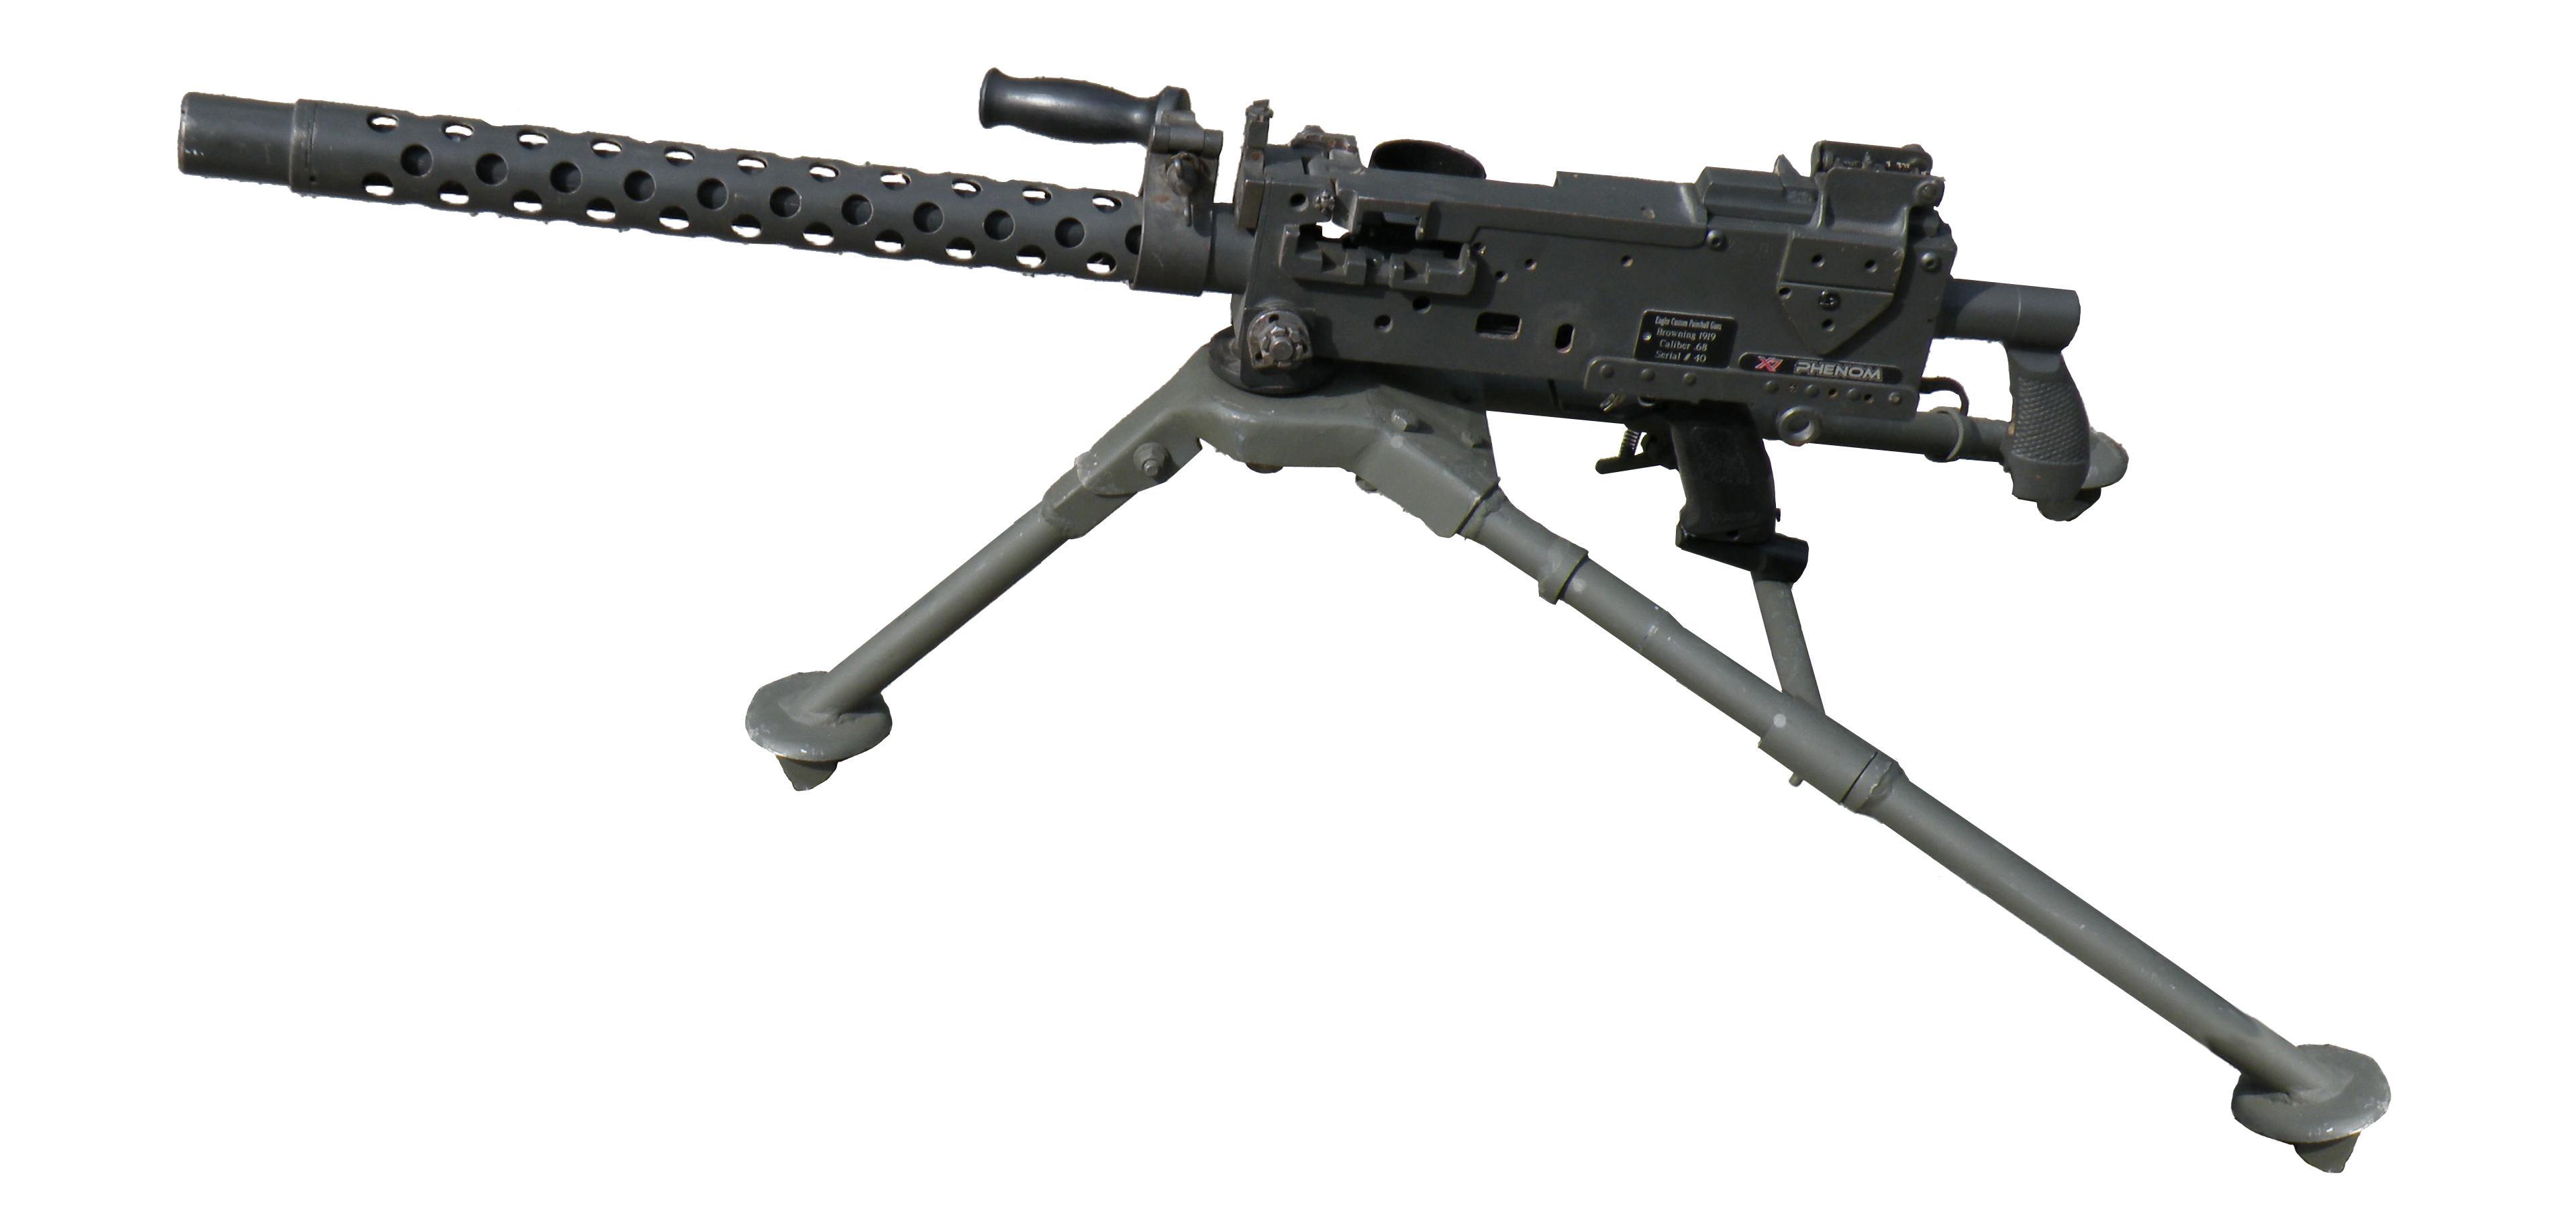 Image result for 1919 gun